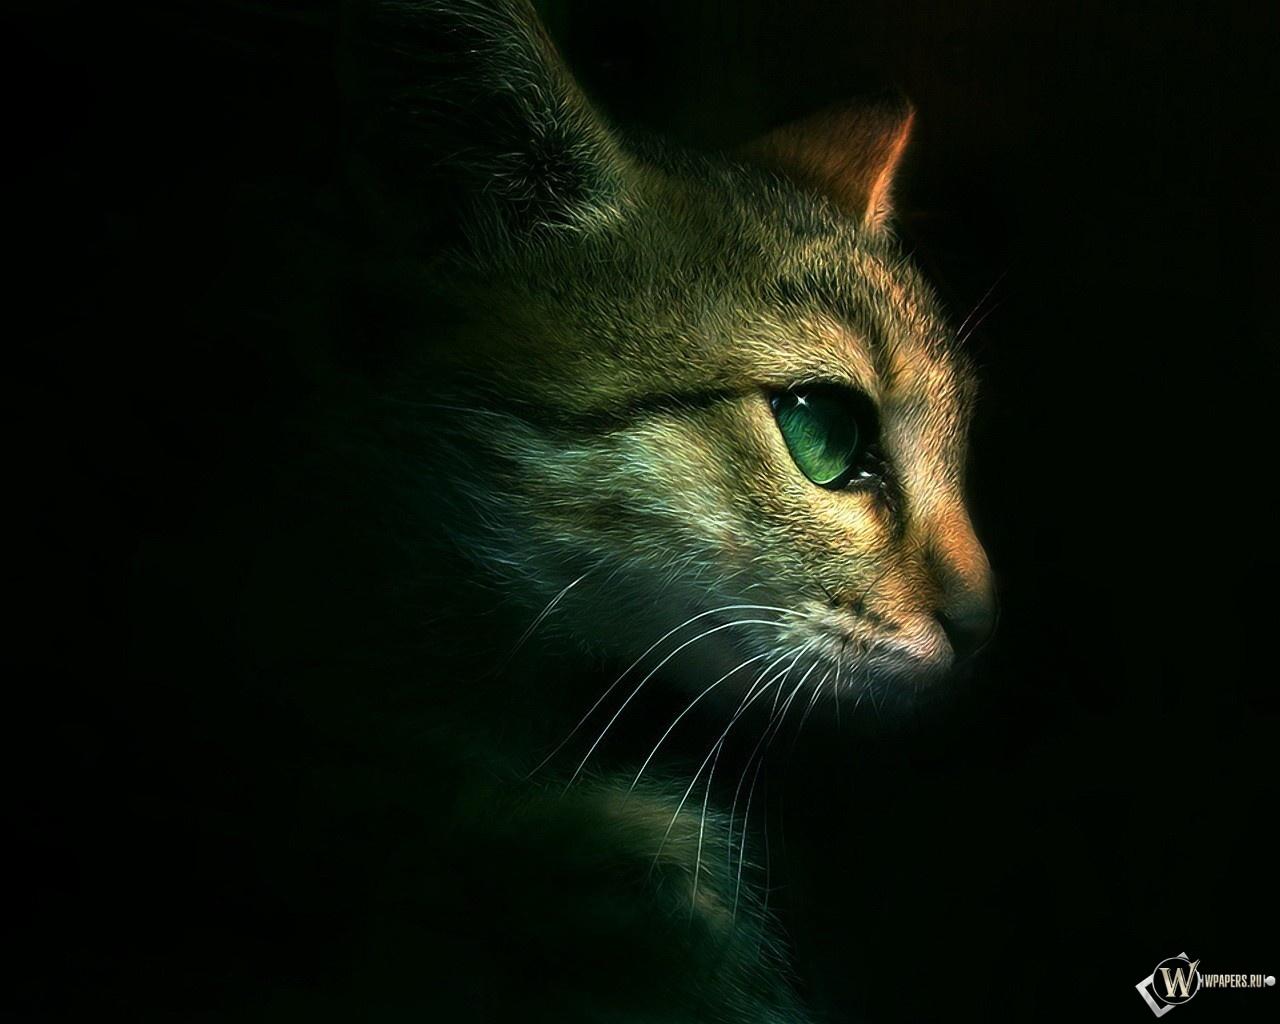 Кот на чёрном фоне 1280x1024